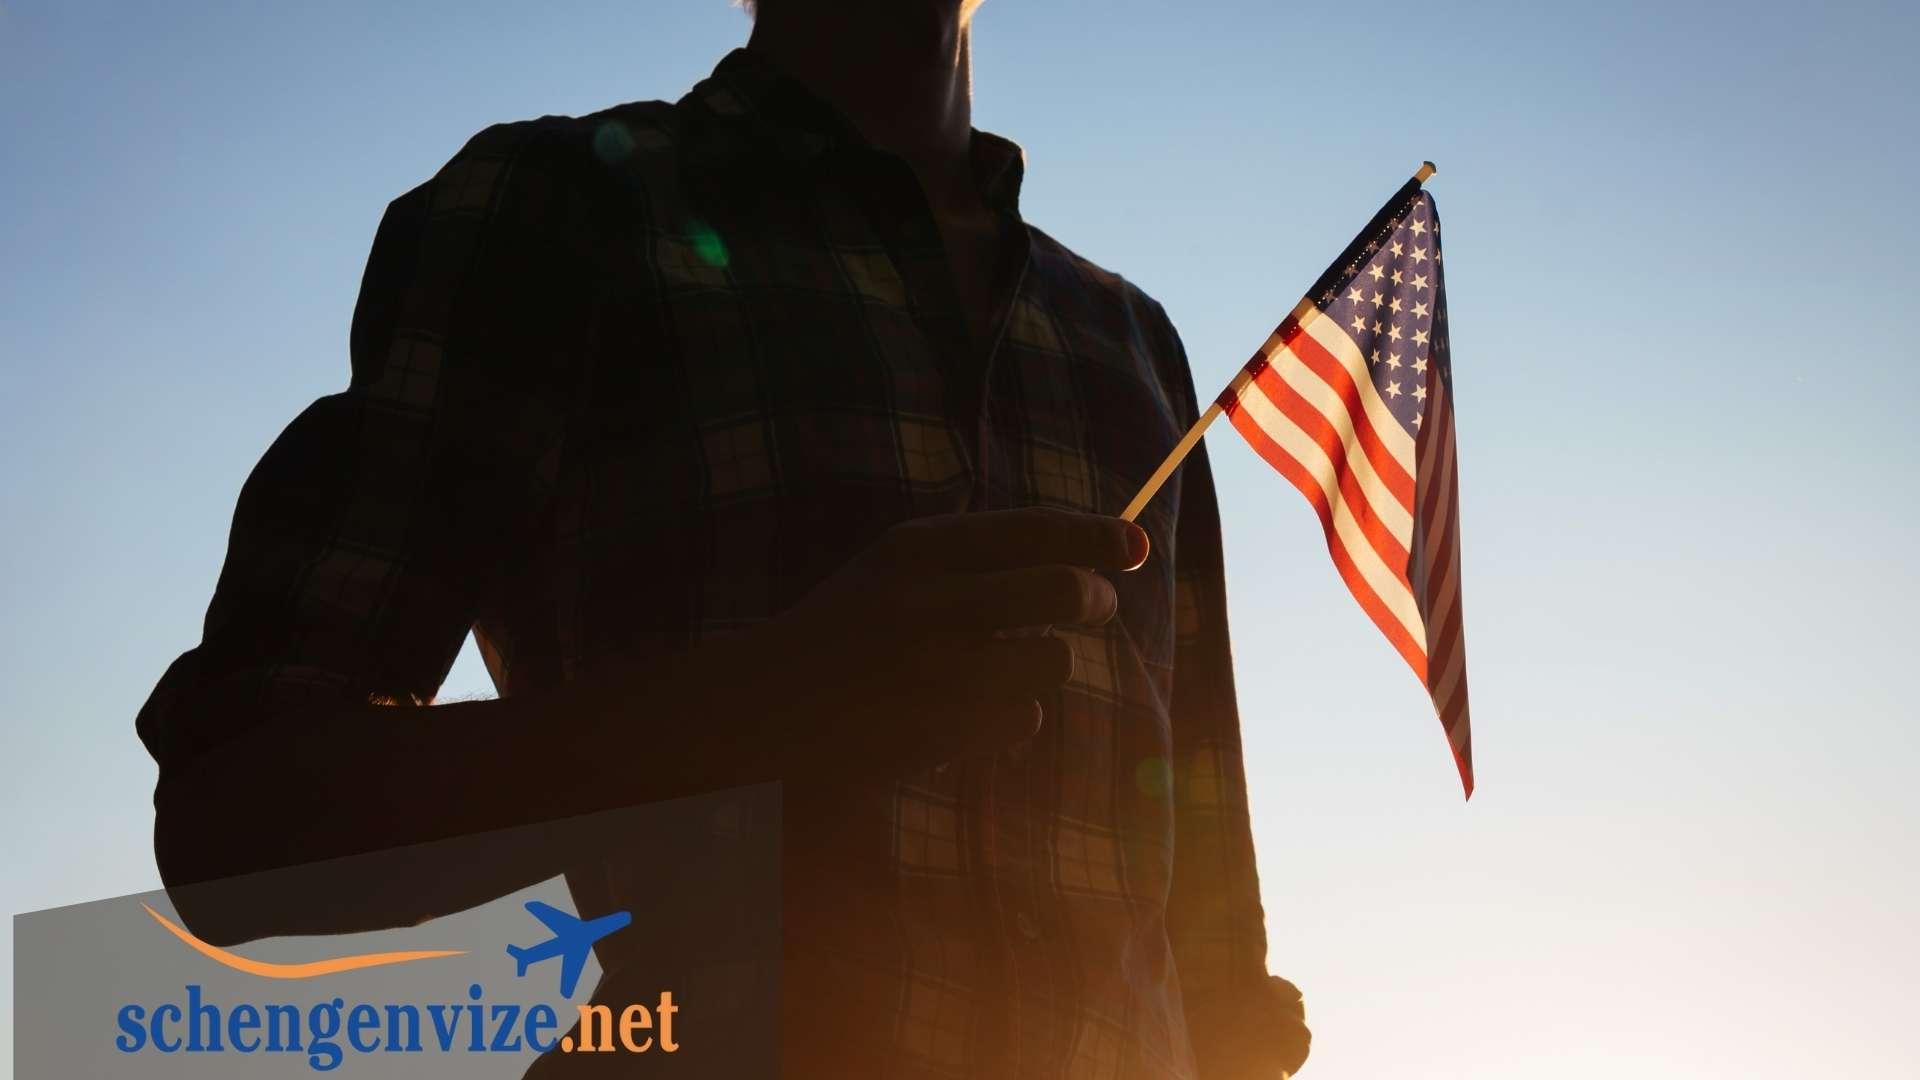 Amerika Oturum ve Çalışma İzni Gerekli Evraklar Nelerdir?